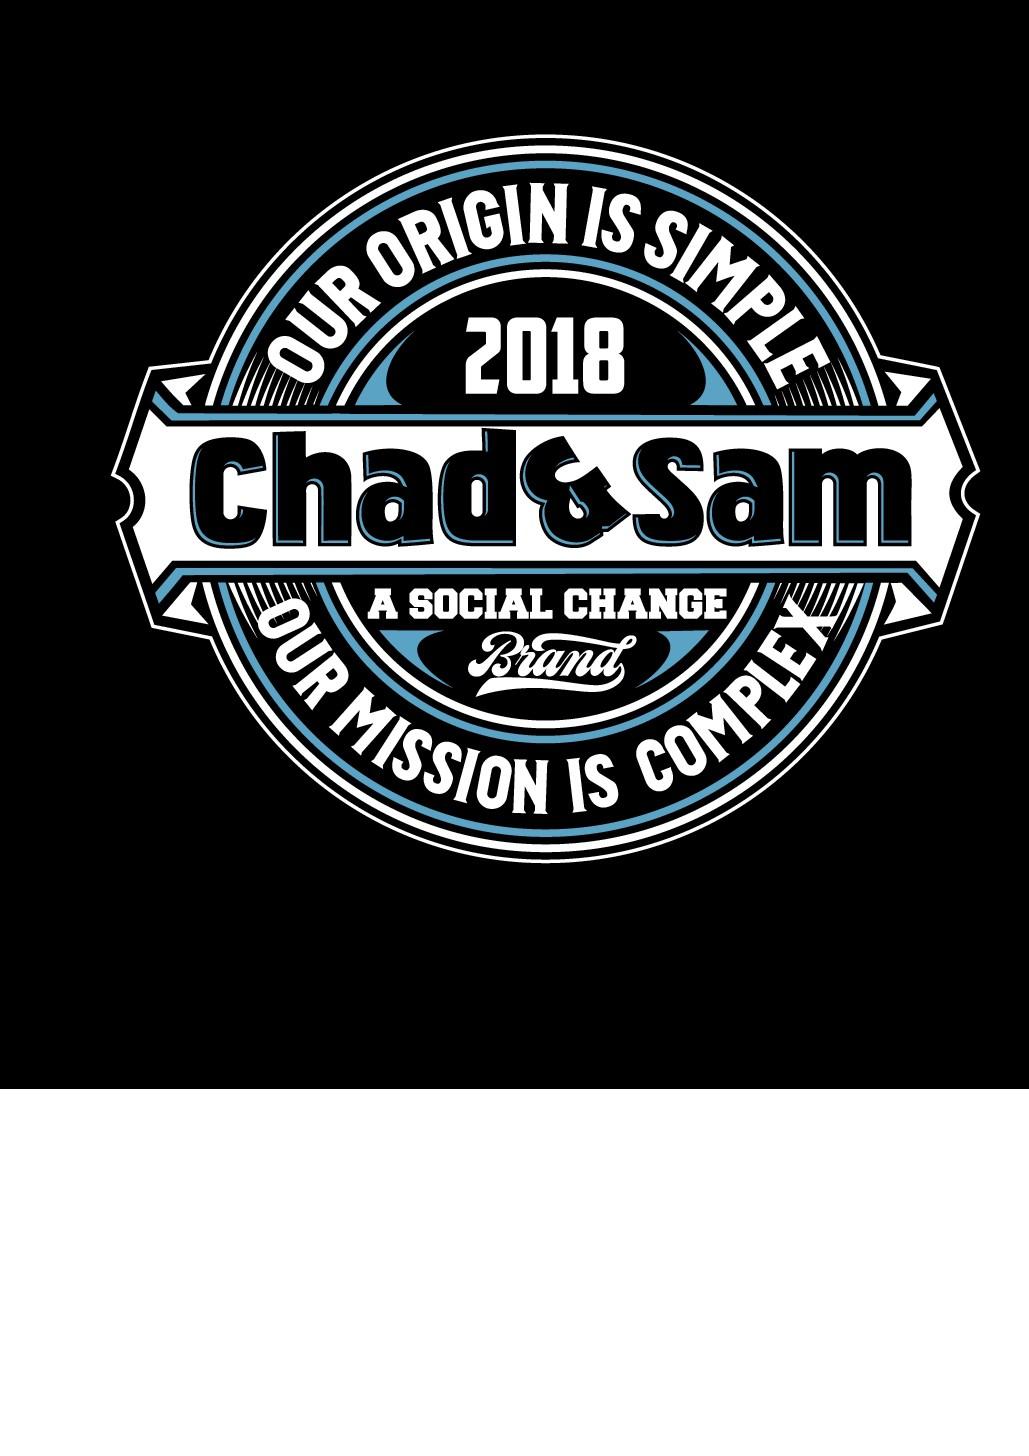 T-shirt design for non-profit brand launch